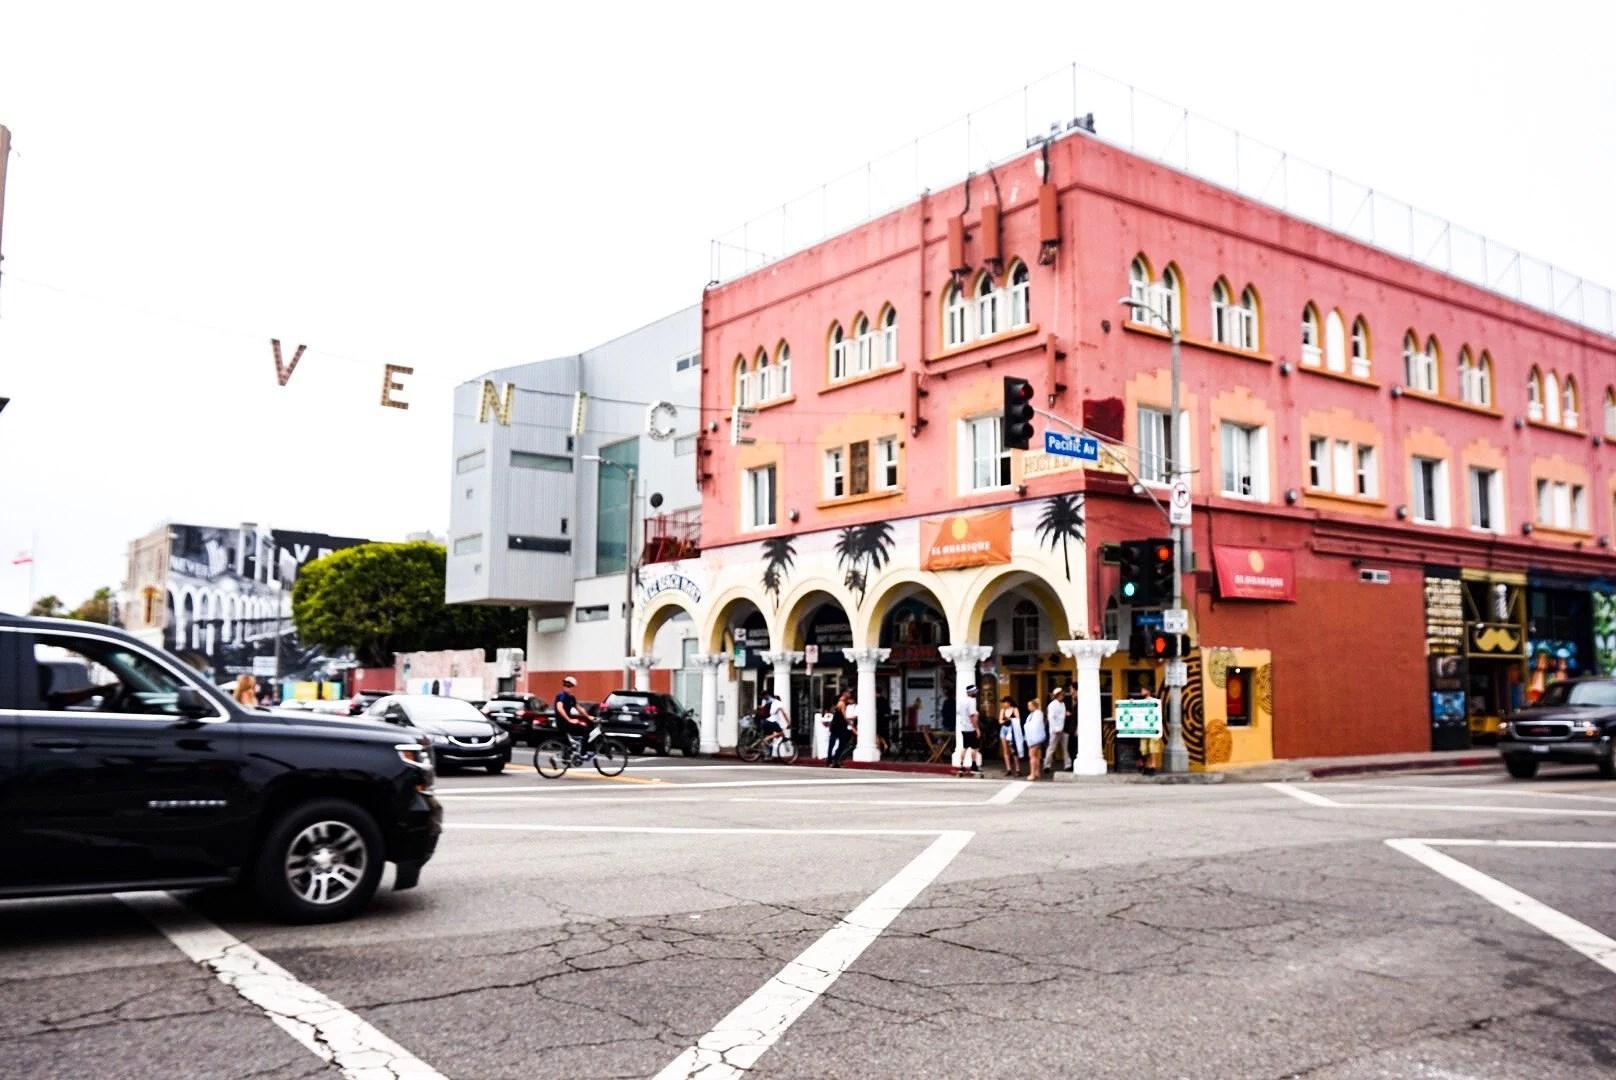 LOS ANGELES EXPLORING